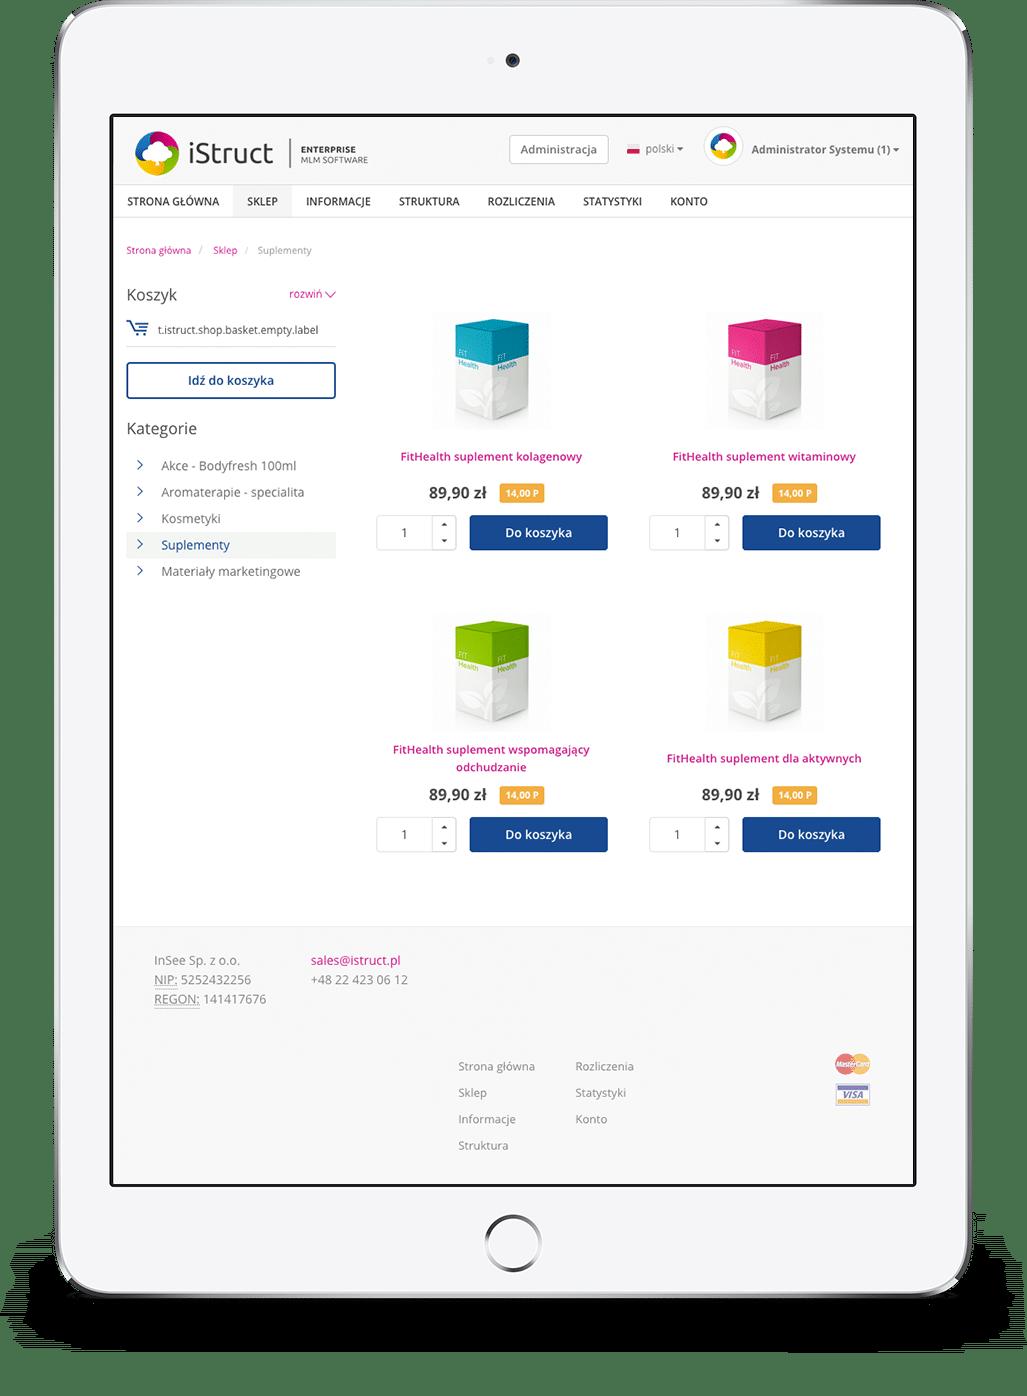 3606b18f392ce iStruct - Oprogramowanie Enterprise dla MLM i Sprzedaży Bezpośredniej